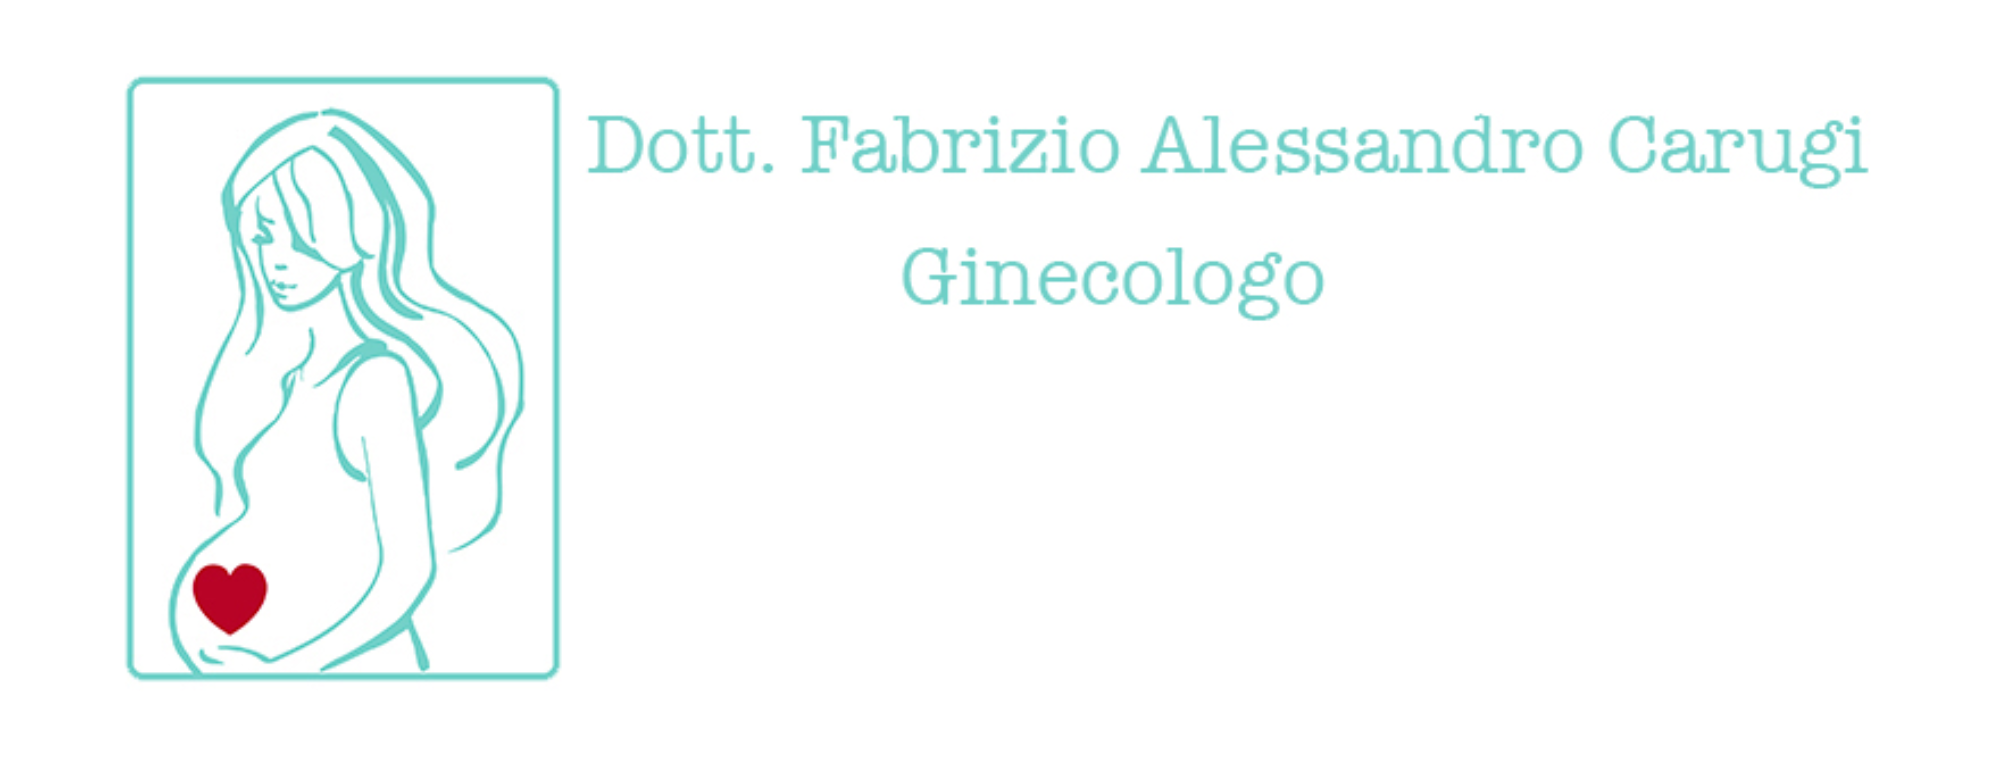 Dr. Fabrizio Alessandro Carugi, Medico Chirurgo specializzato in Ginecologia e Ostetricia